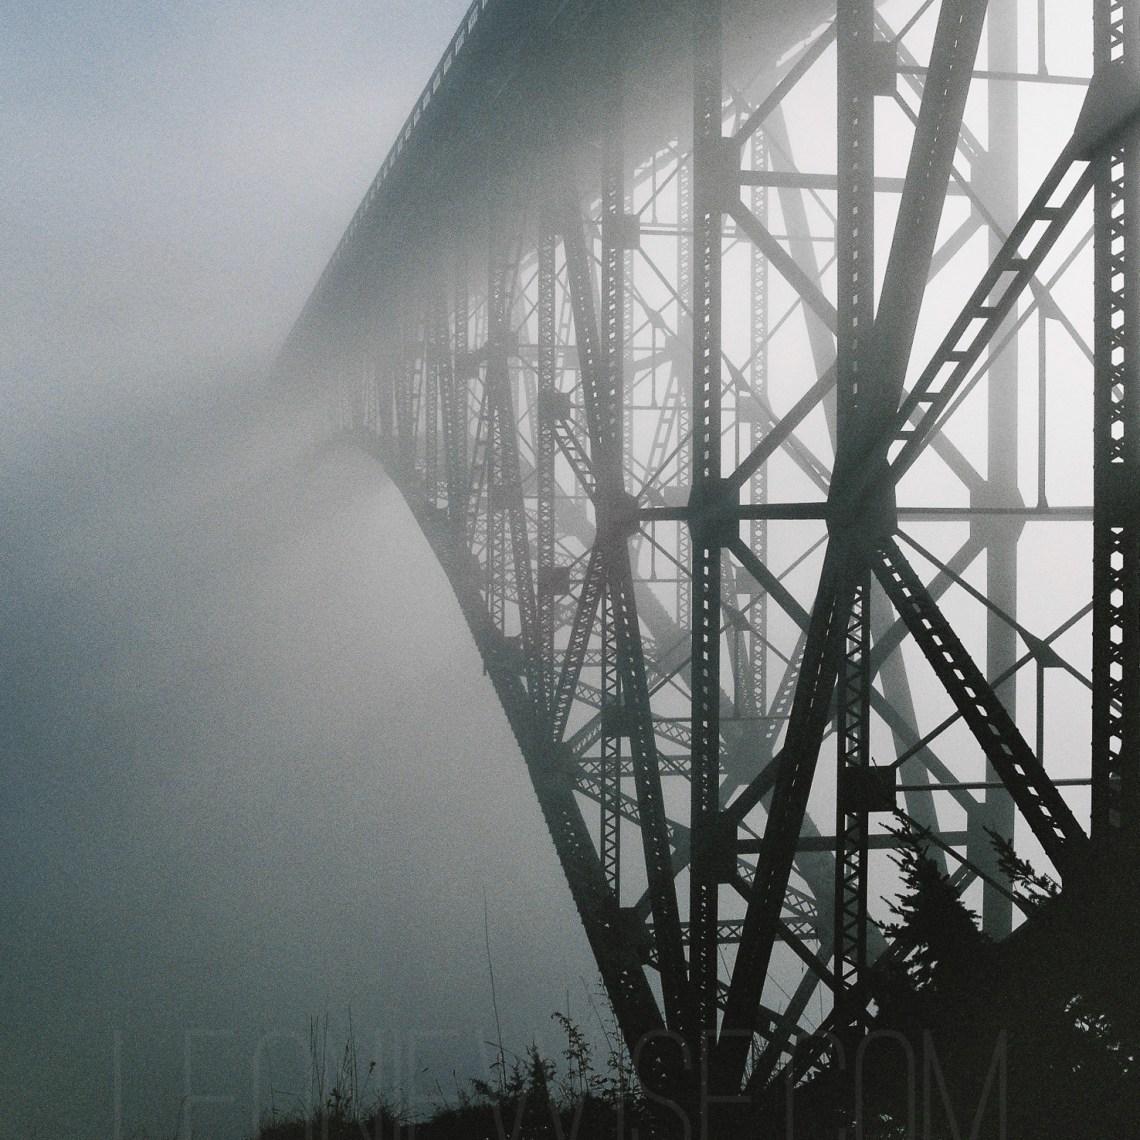 deception pass bridge, seattle, wa